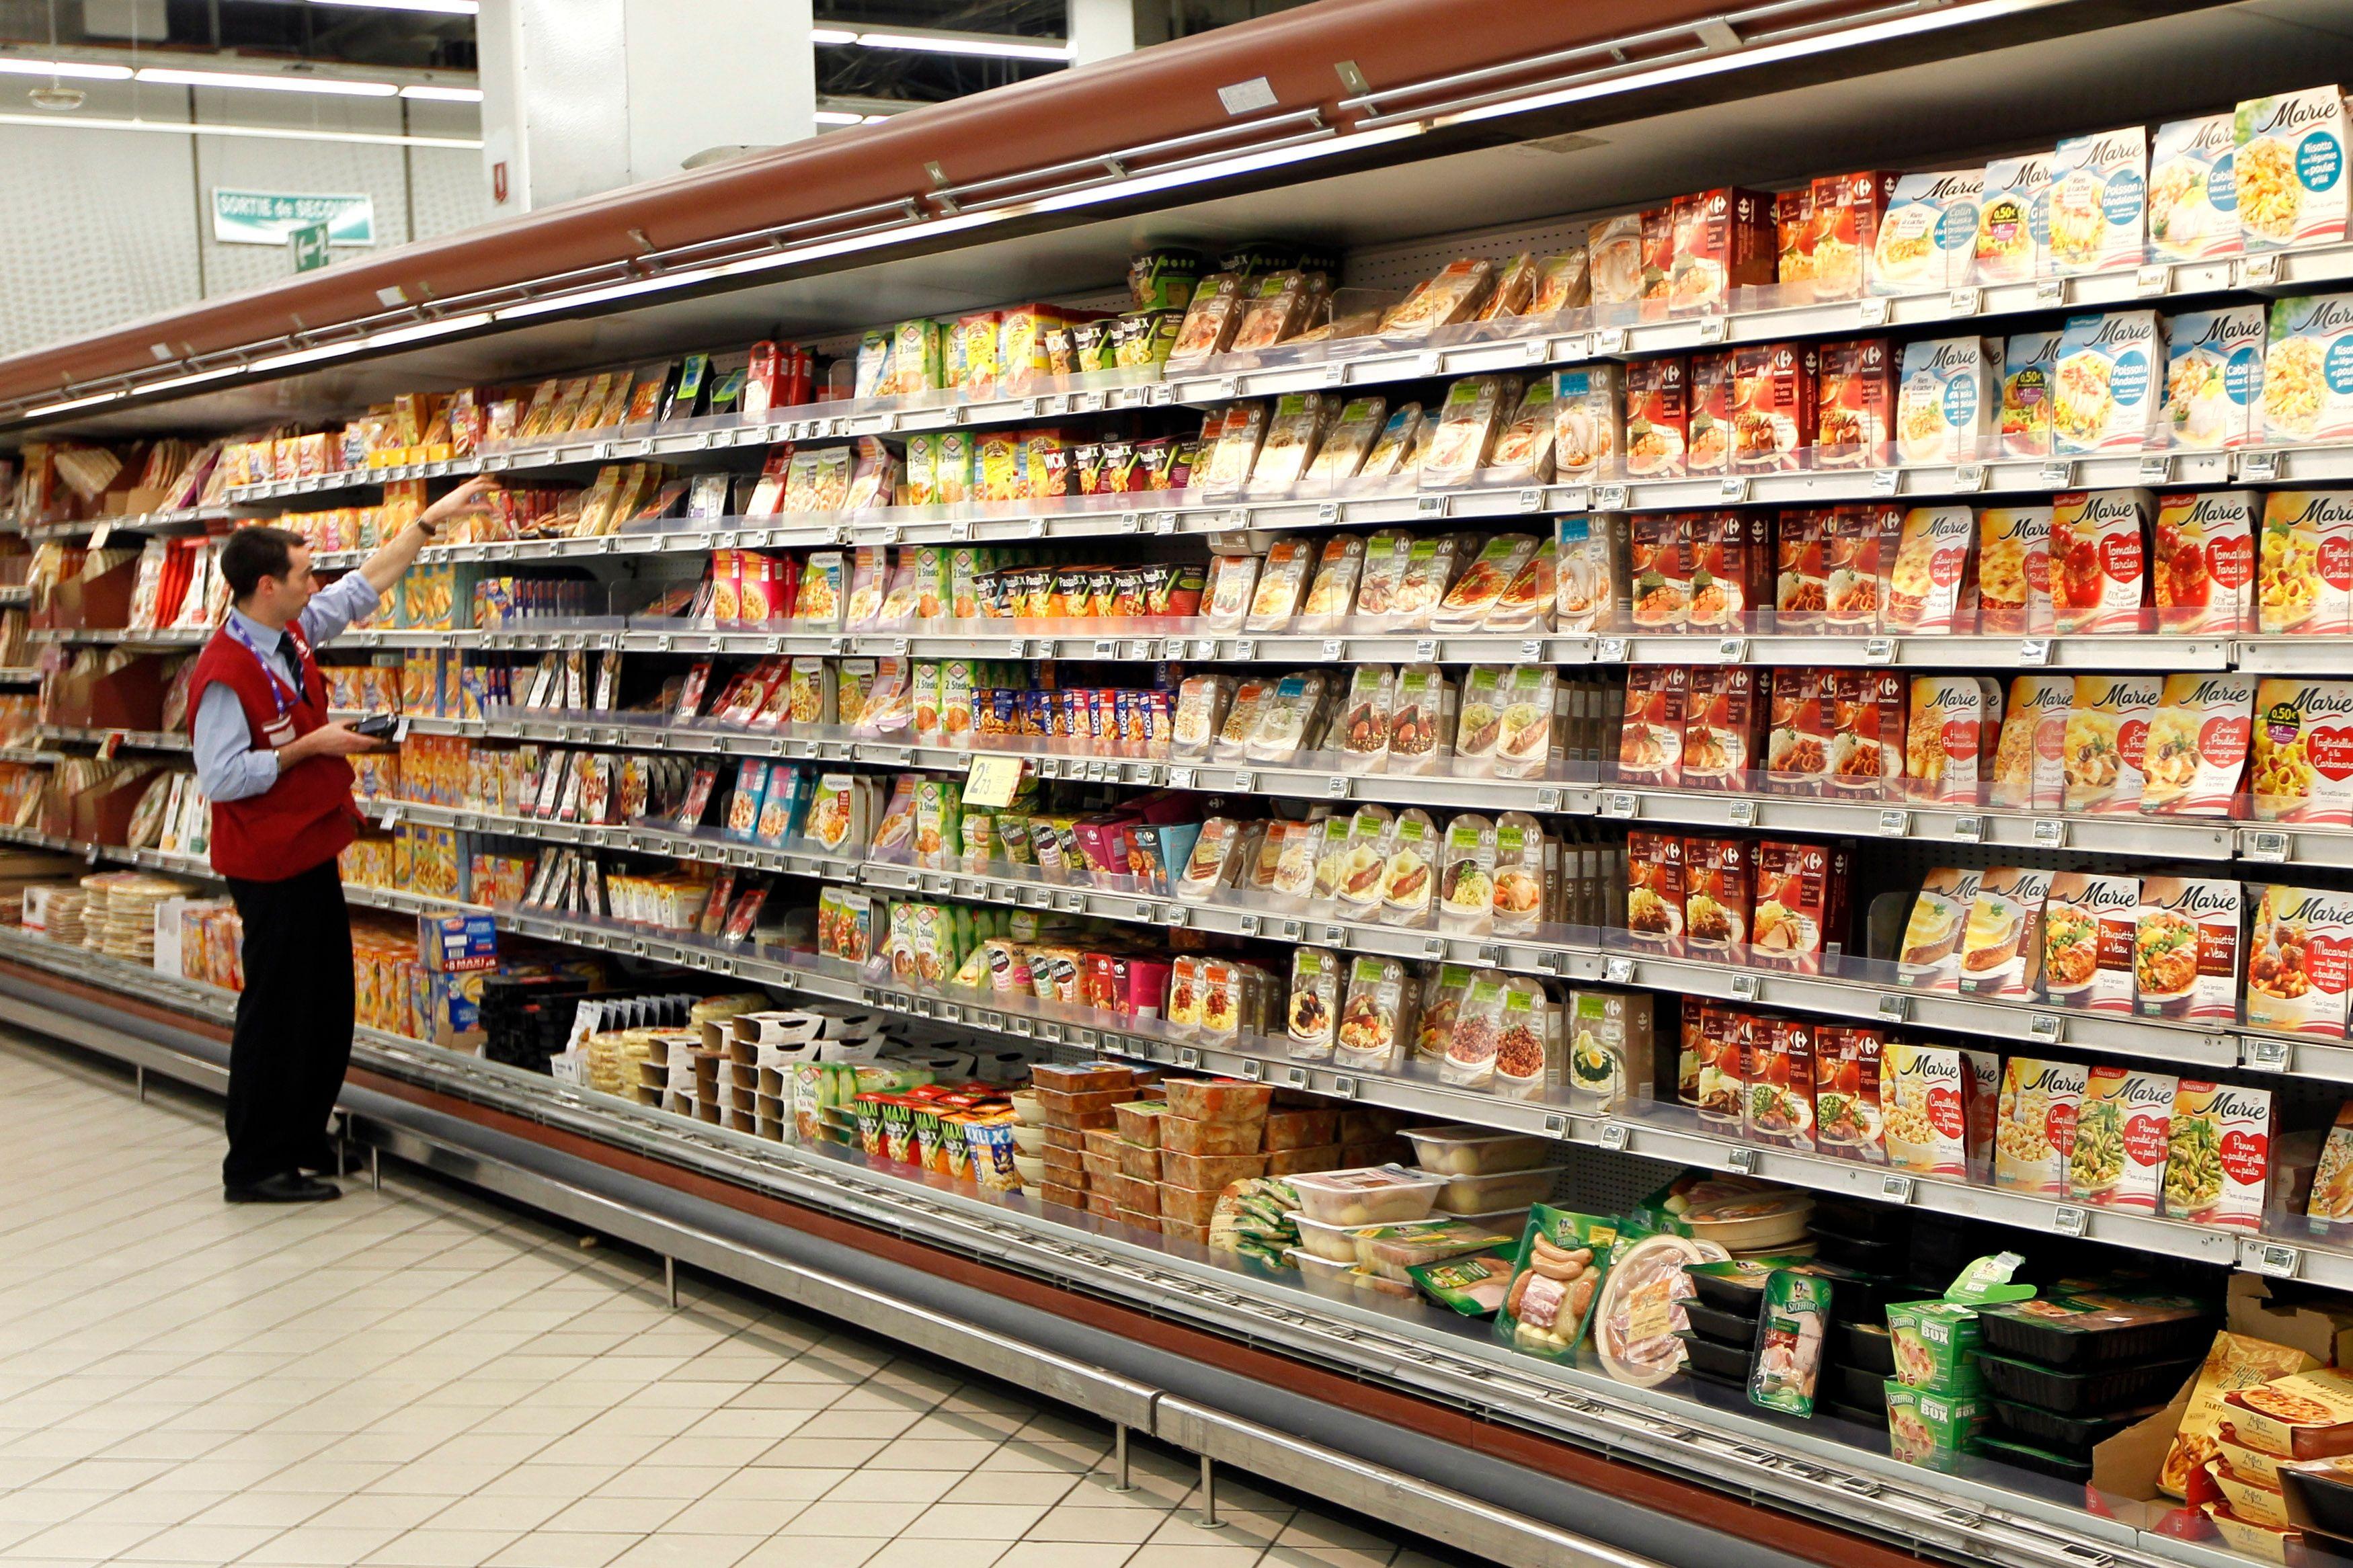 La consommation des ménages français a de nouveau reculé de 0,2% en février